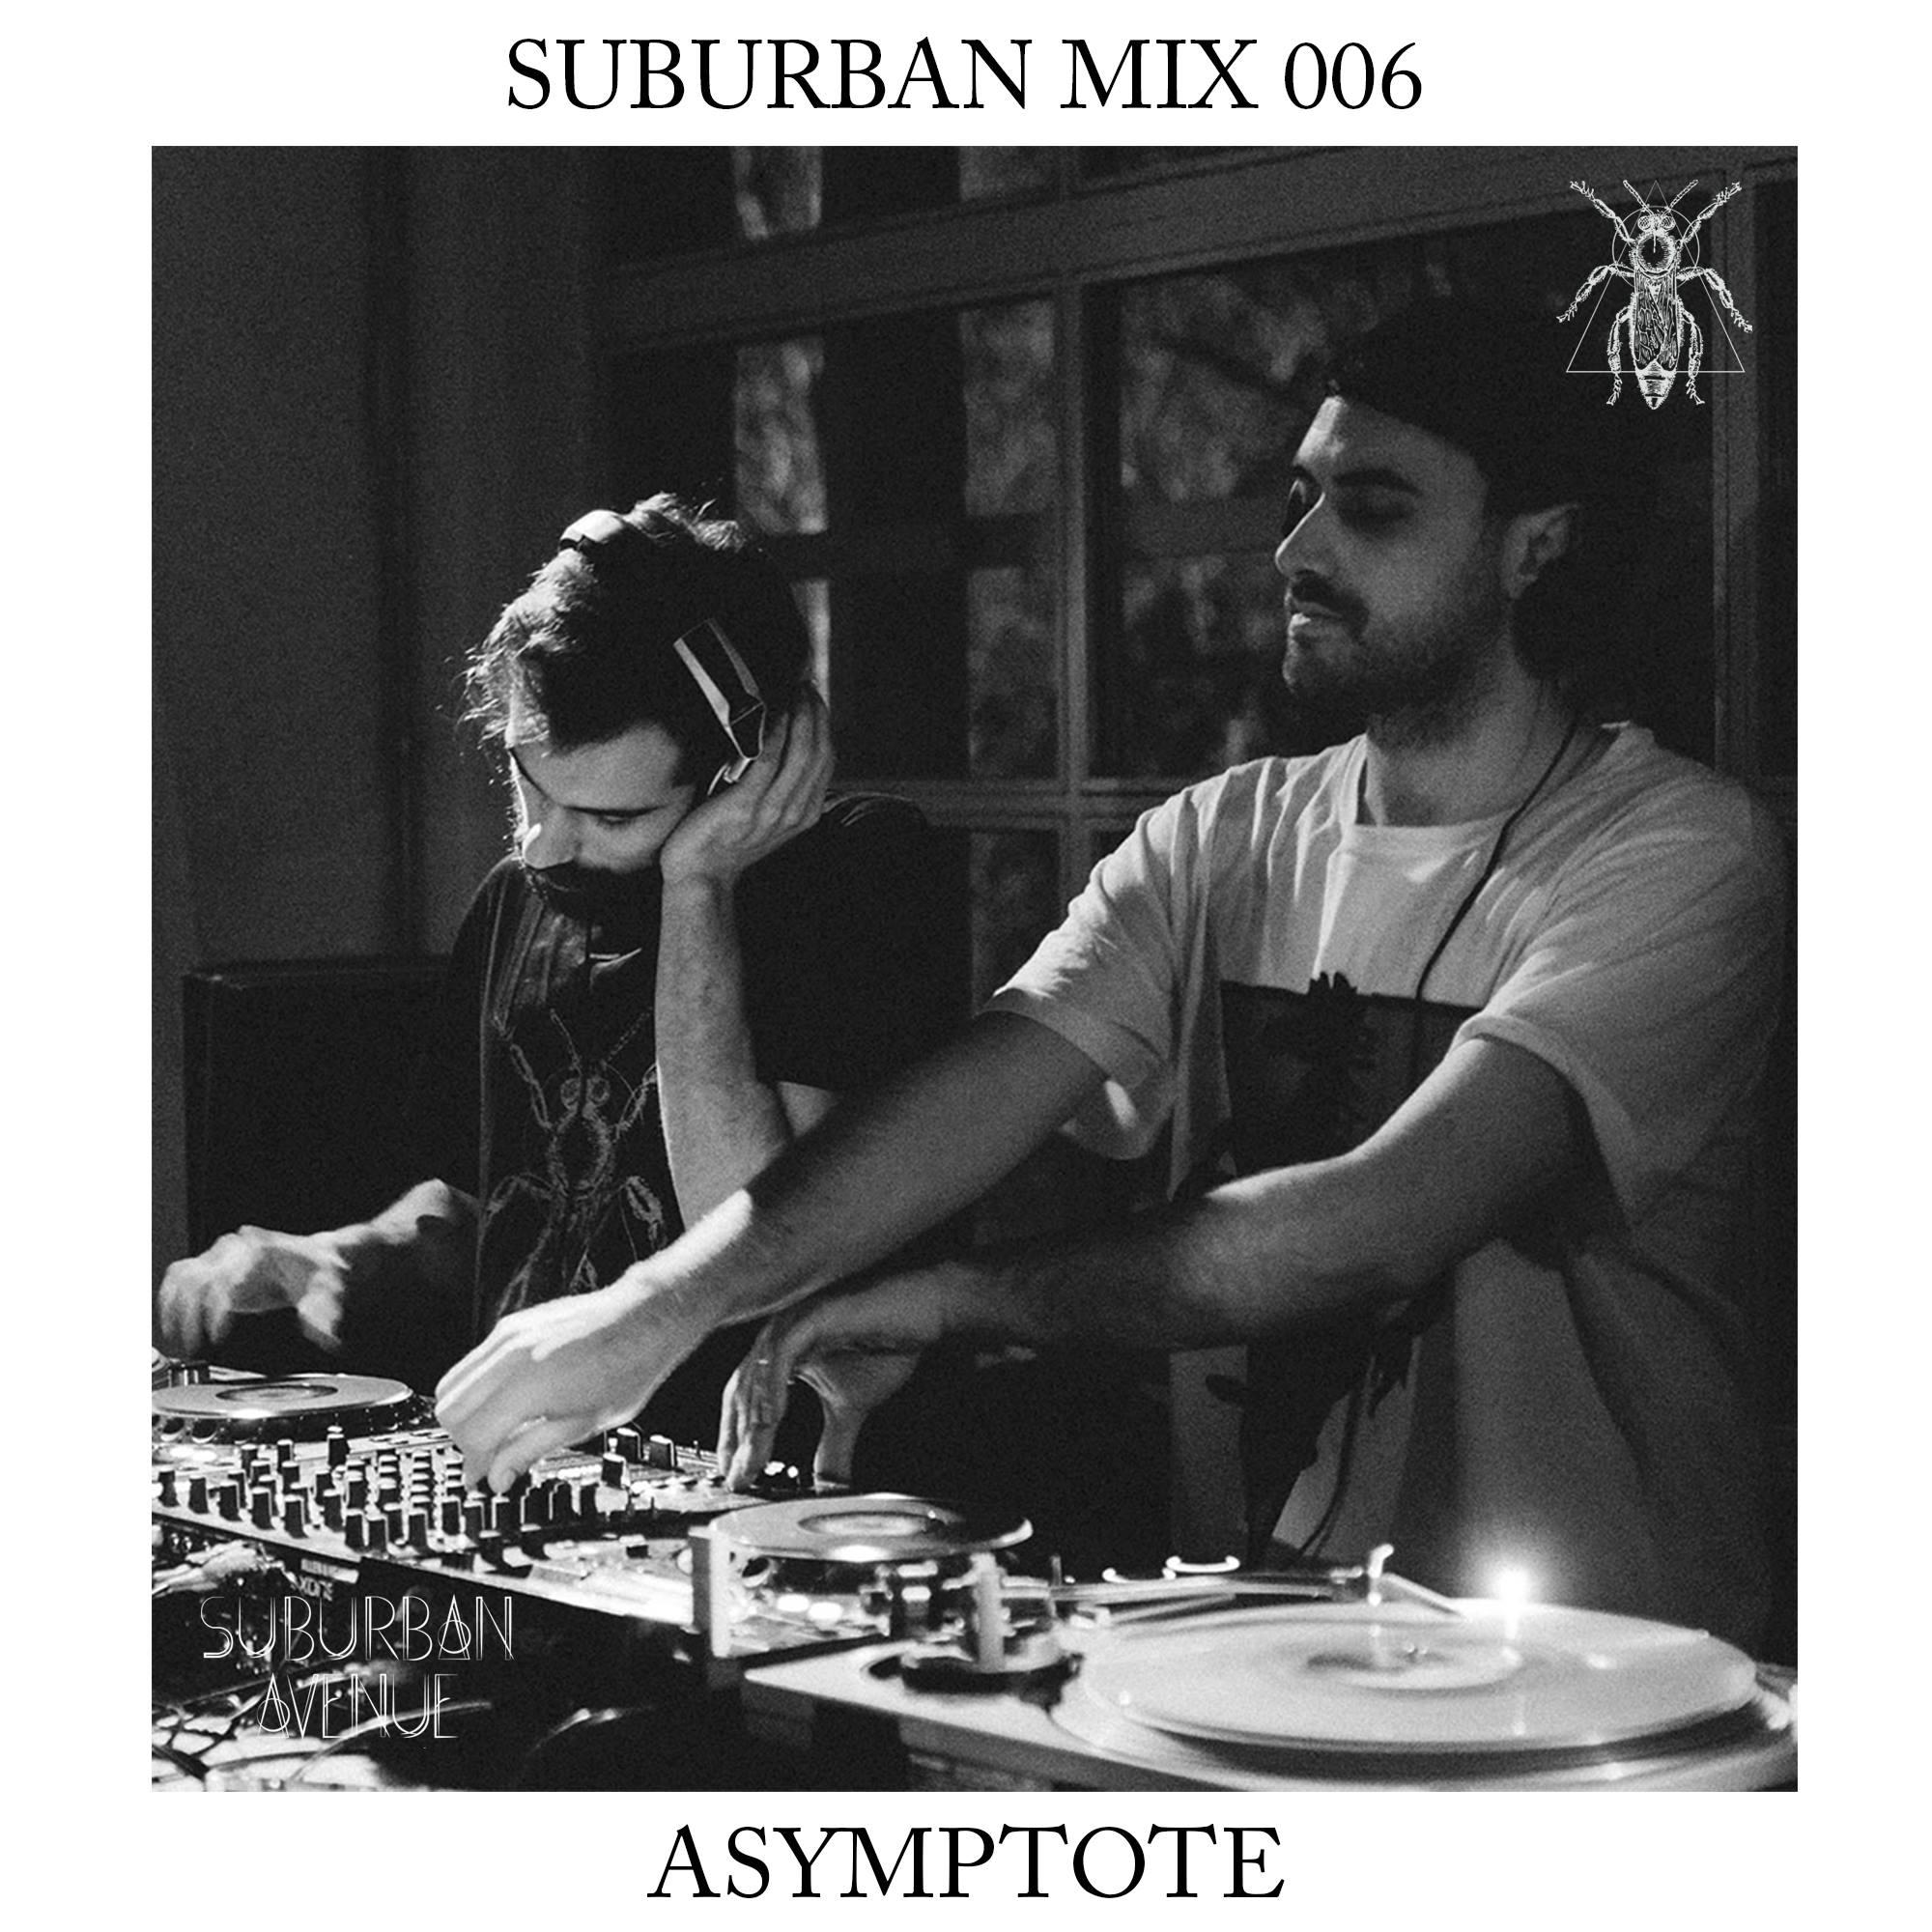 Suburban Mix 006 - Asymptote